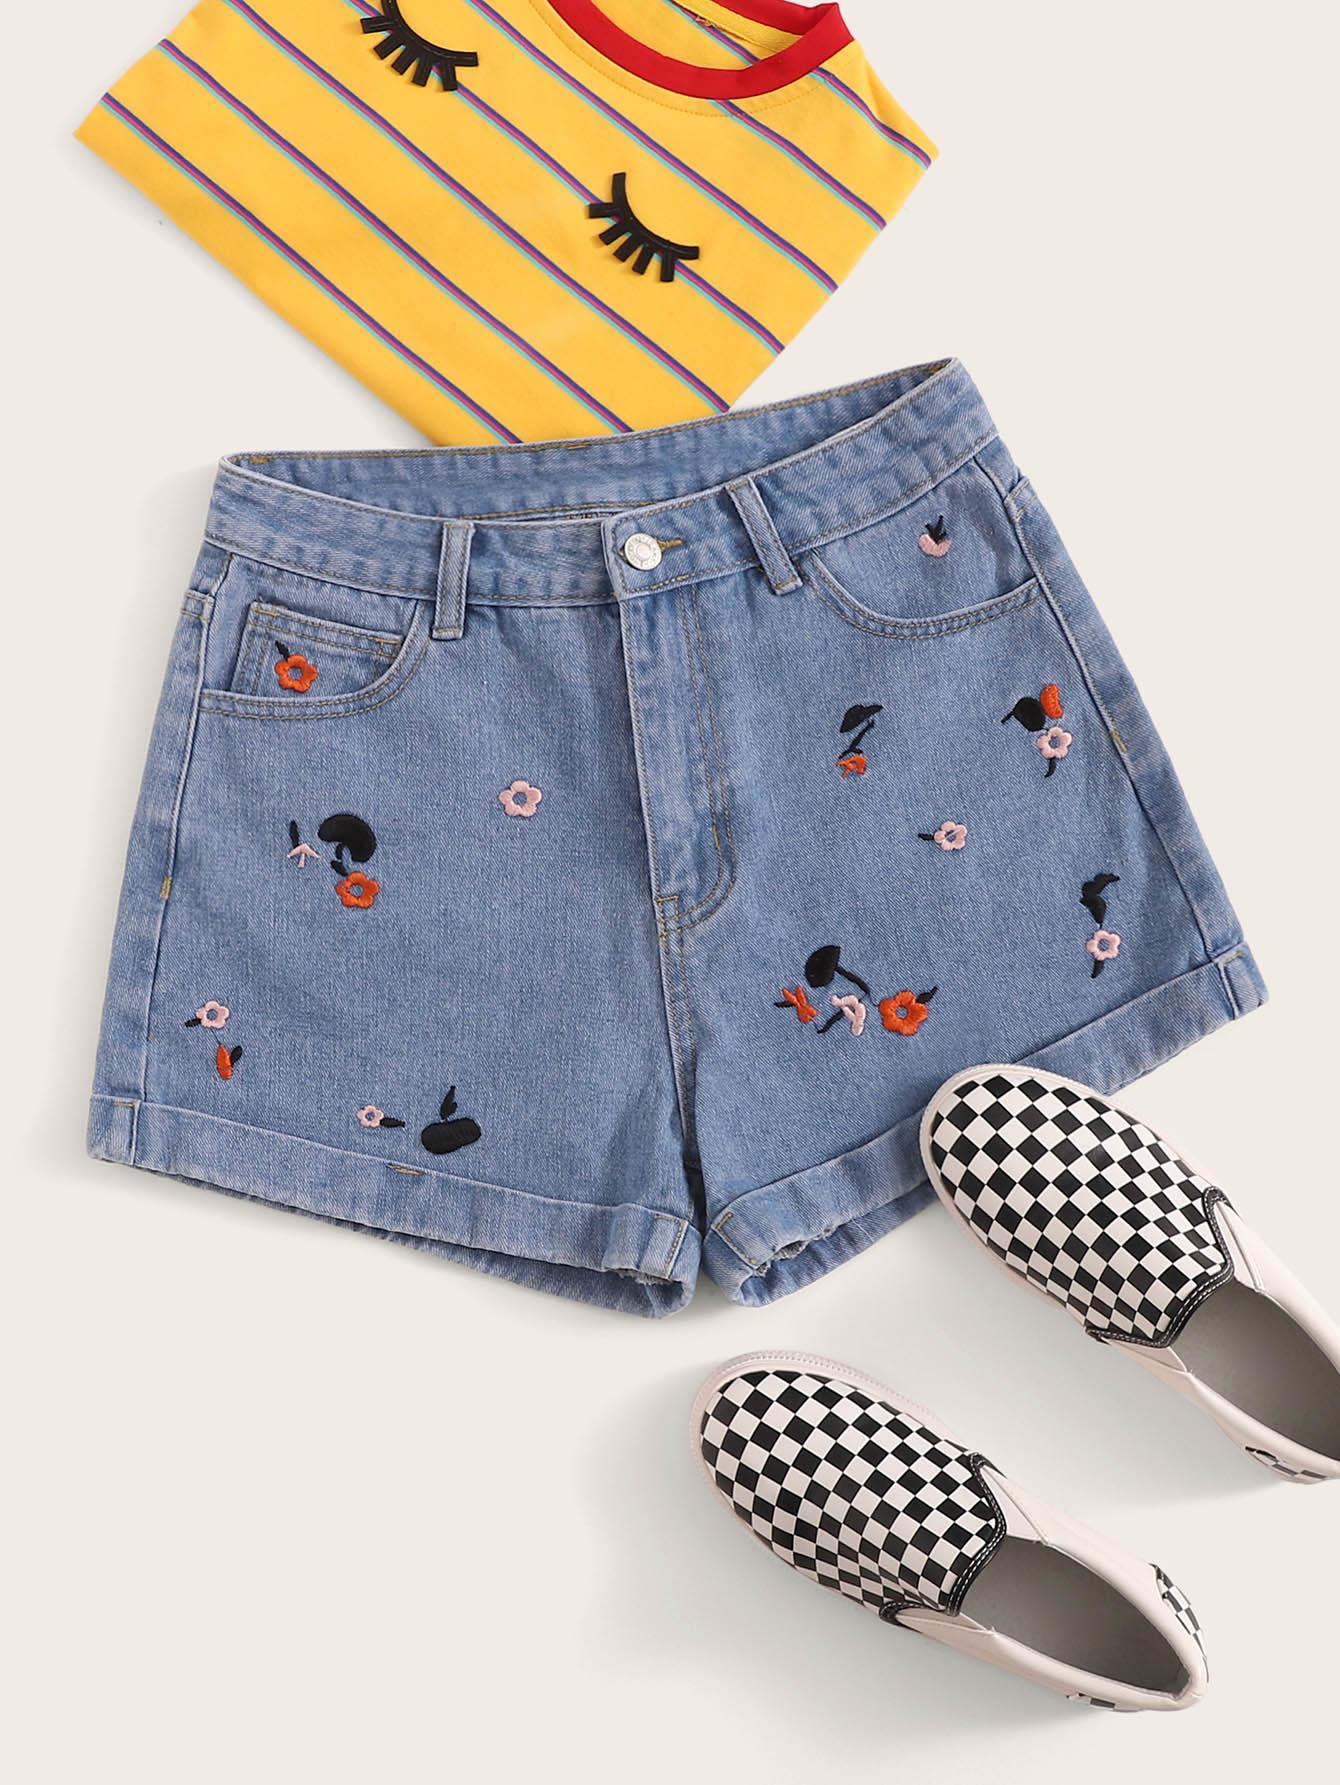 Фото - Синий с вышивкой Стиль кэжуал Джинсовые шорты от SheIn синего цвета